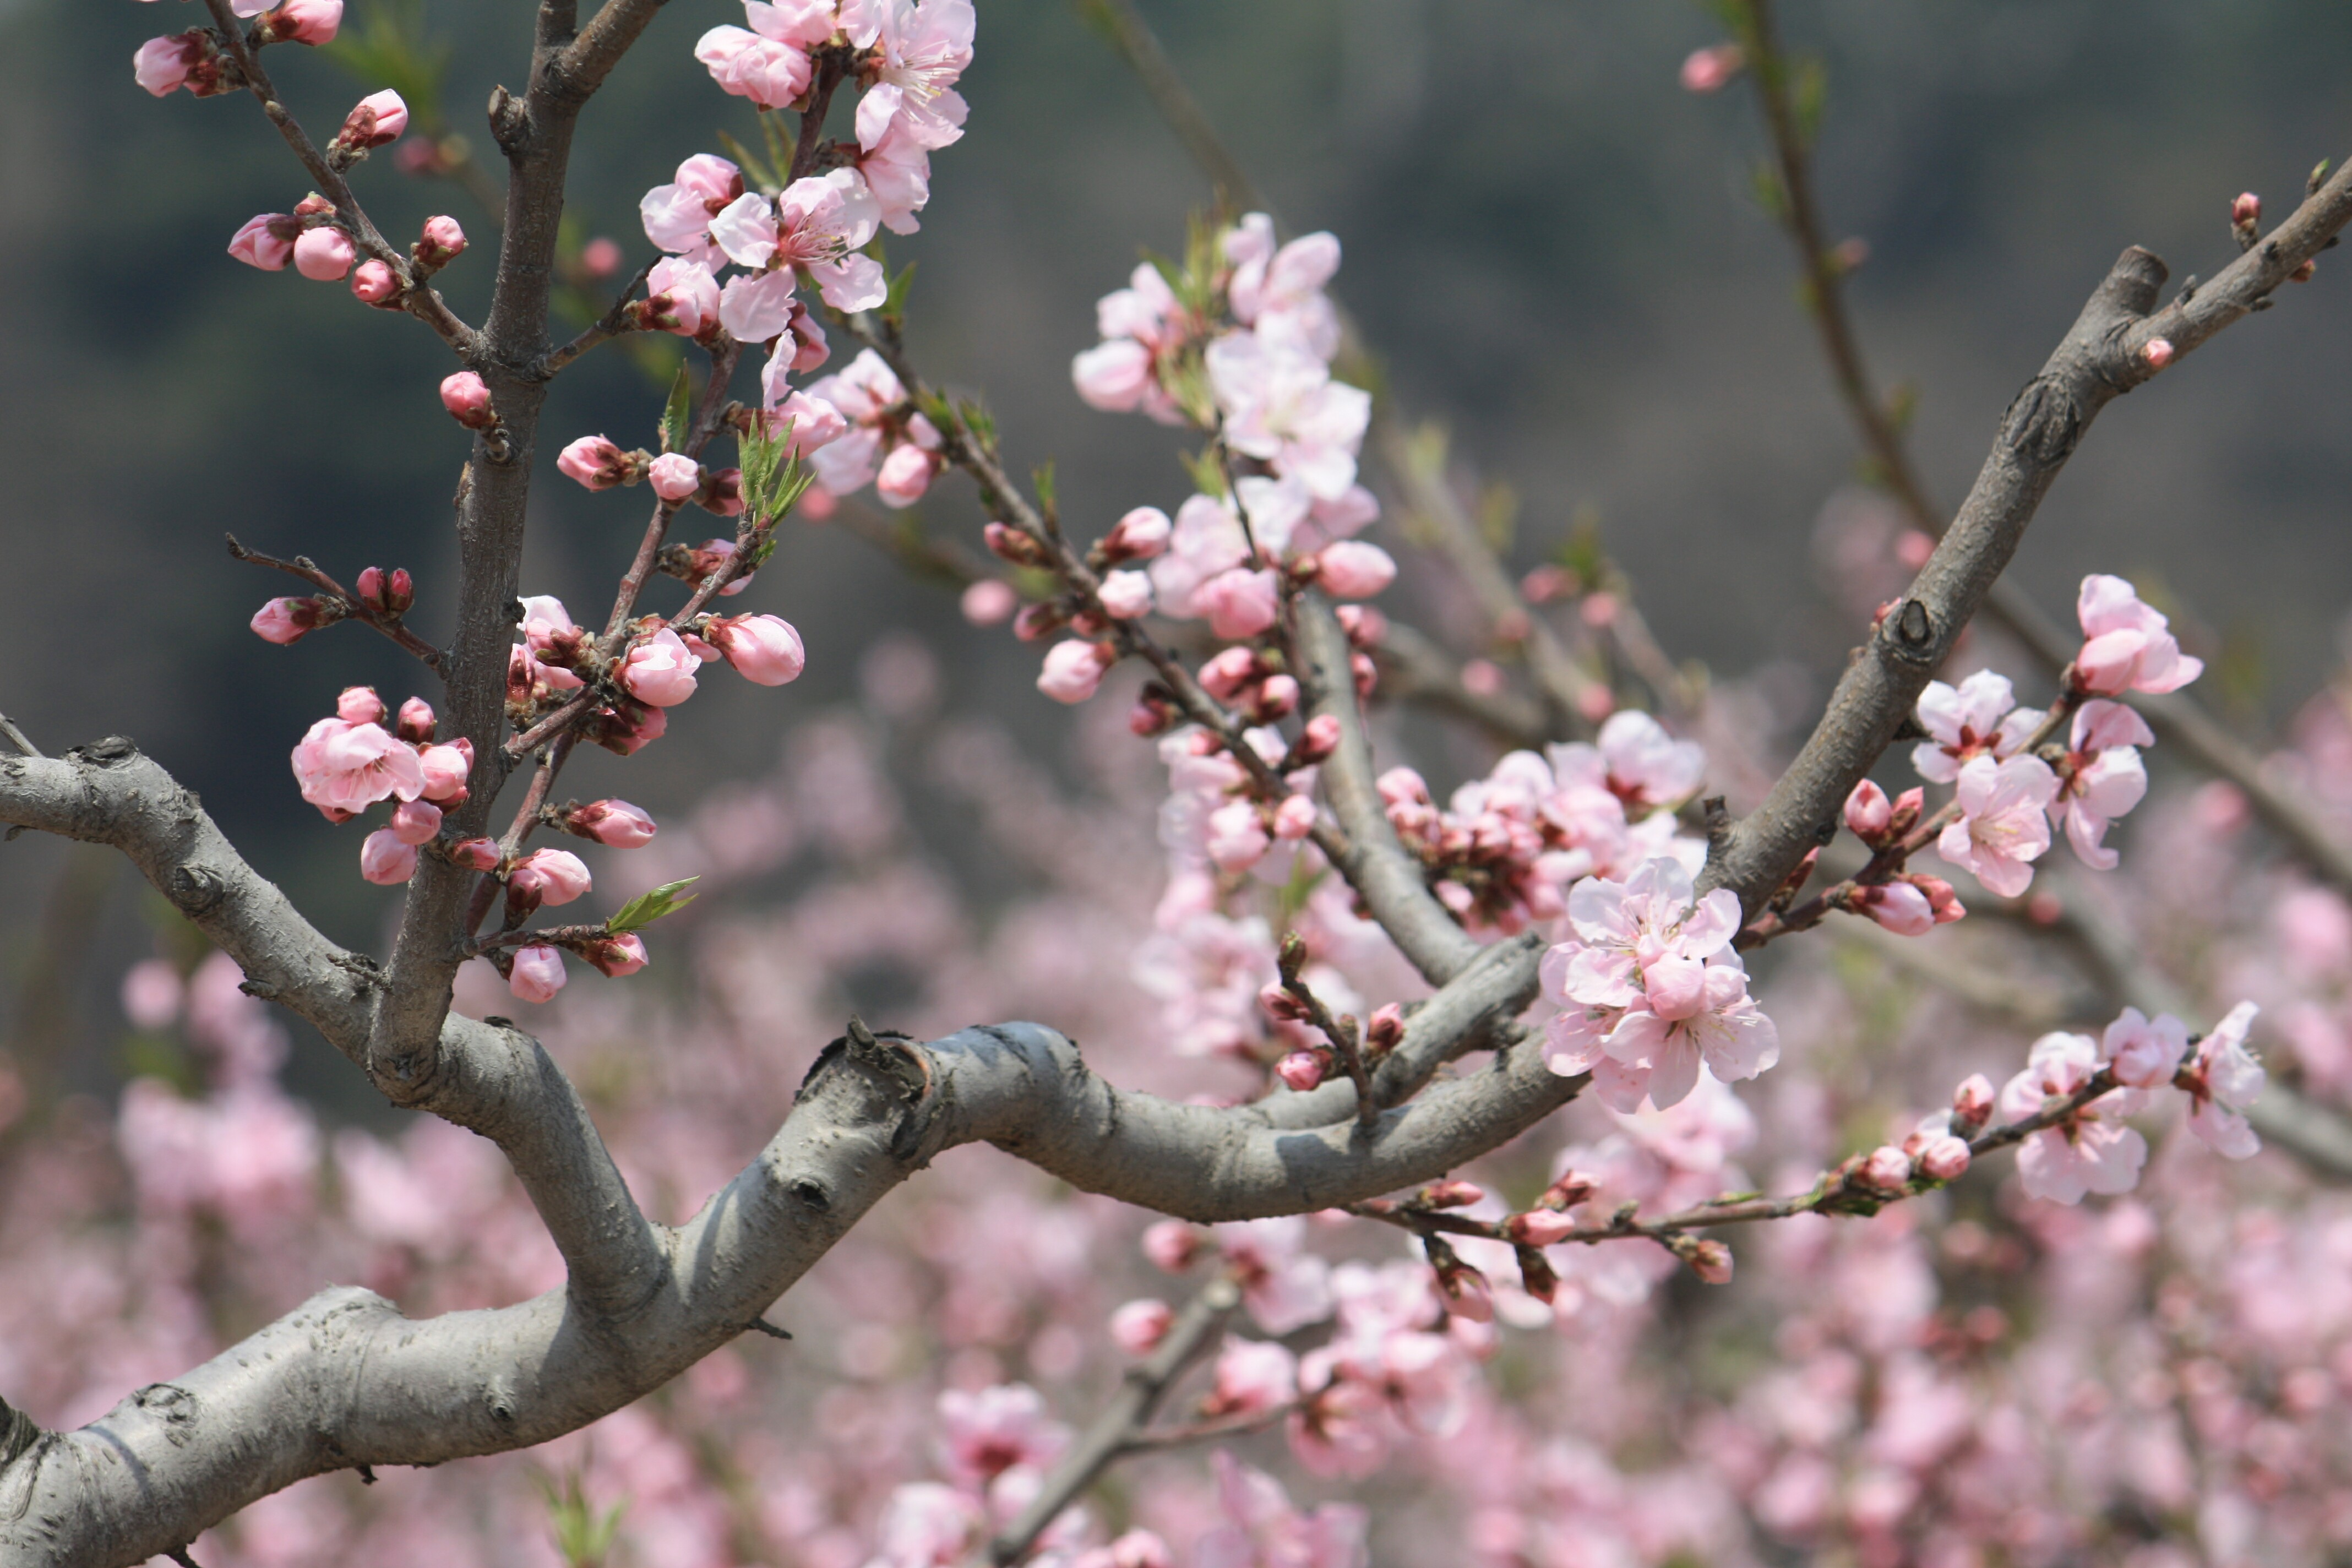 青岛中山公园的桃花源